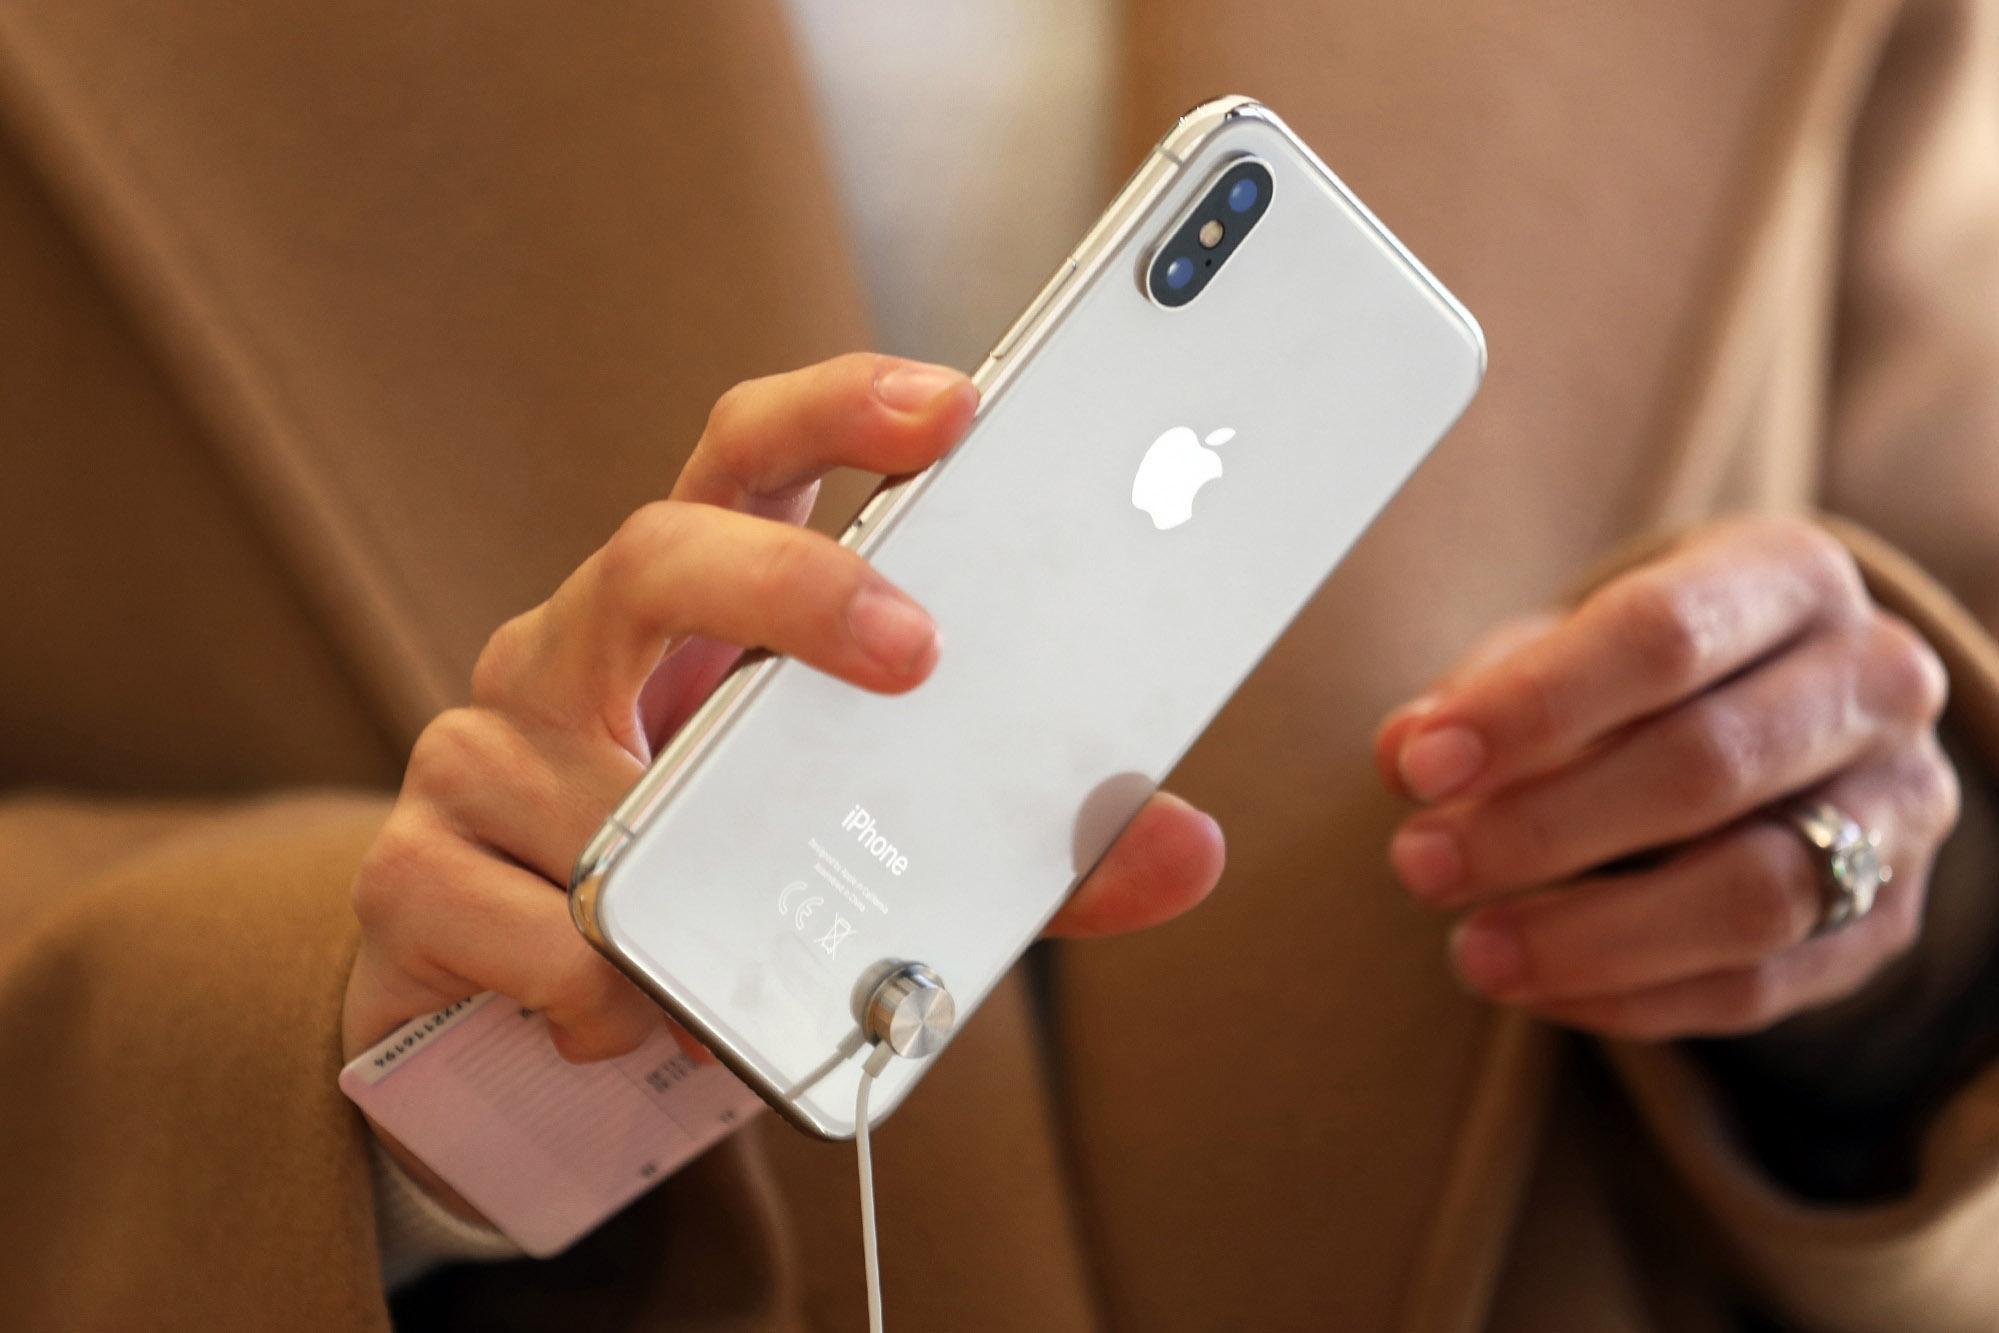 Bộ ba iPhone 2018 sẽ ra mắt cuối năm: iPhone vàng sang chảnh, iPhone 2 SIM và iPhone giá rẻ cho sinh viên - Ảnh 1.